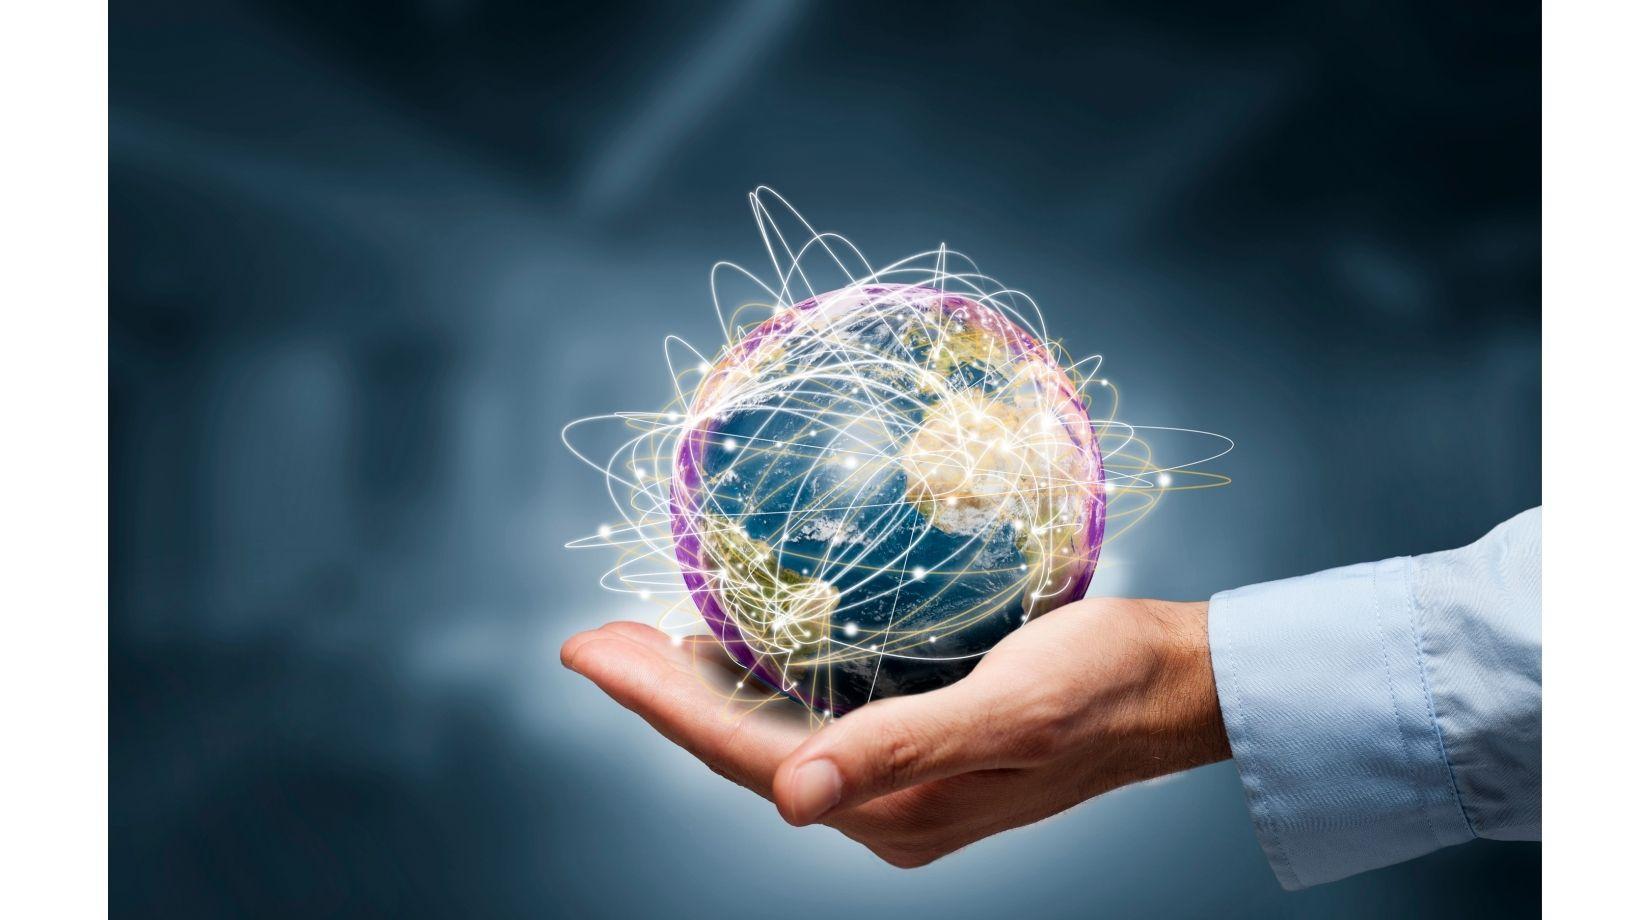 планета в руке